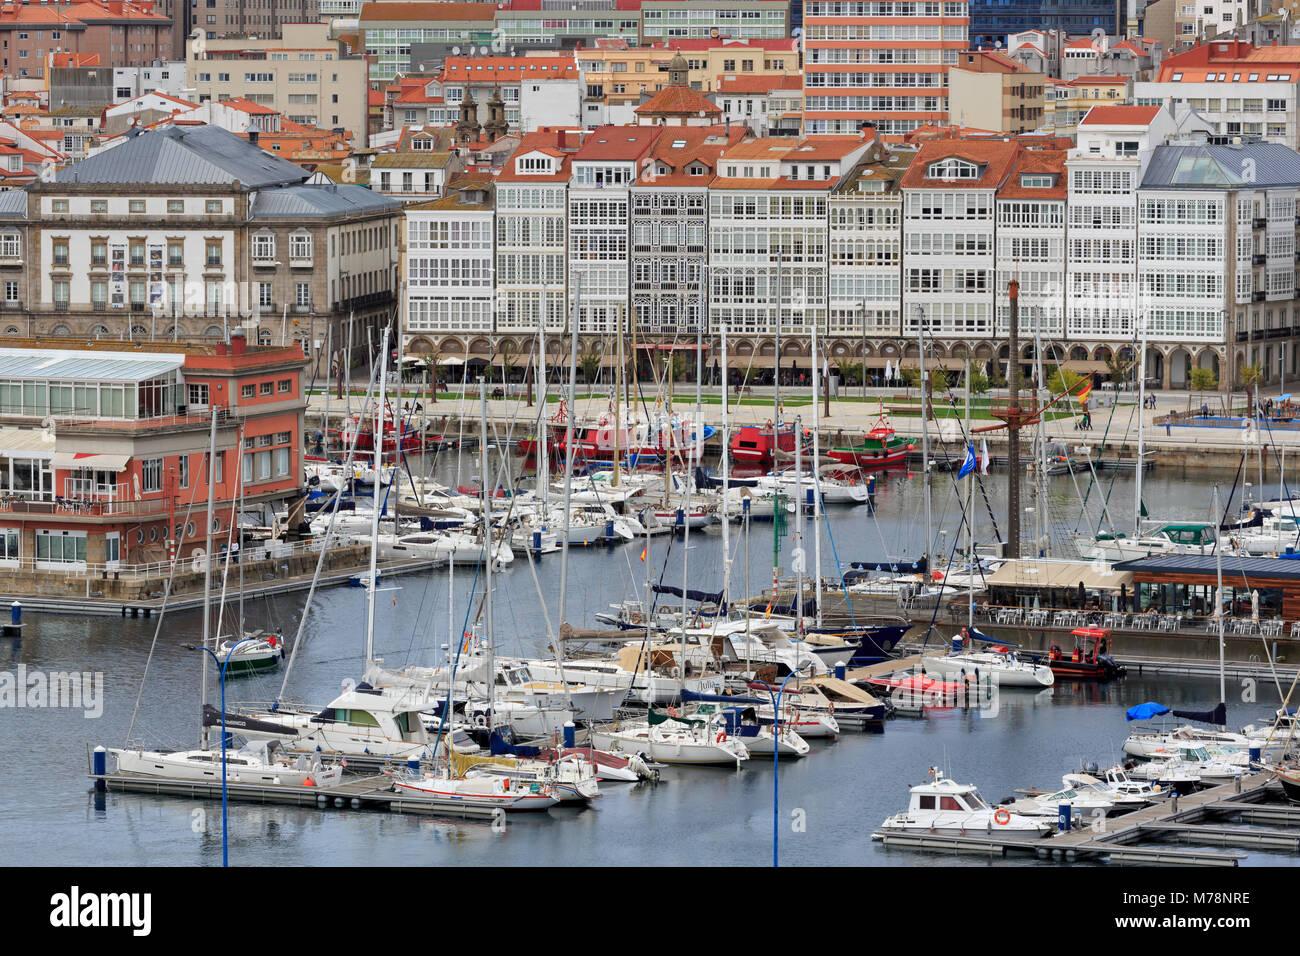 Yachtcharter Marina, La Coruna, Galicien, Spanien, Europa Stockbild